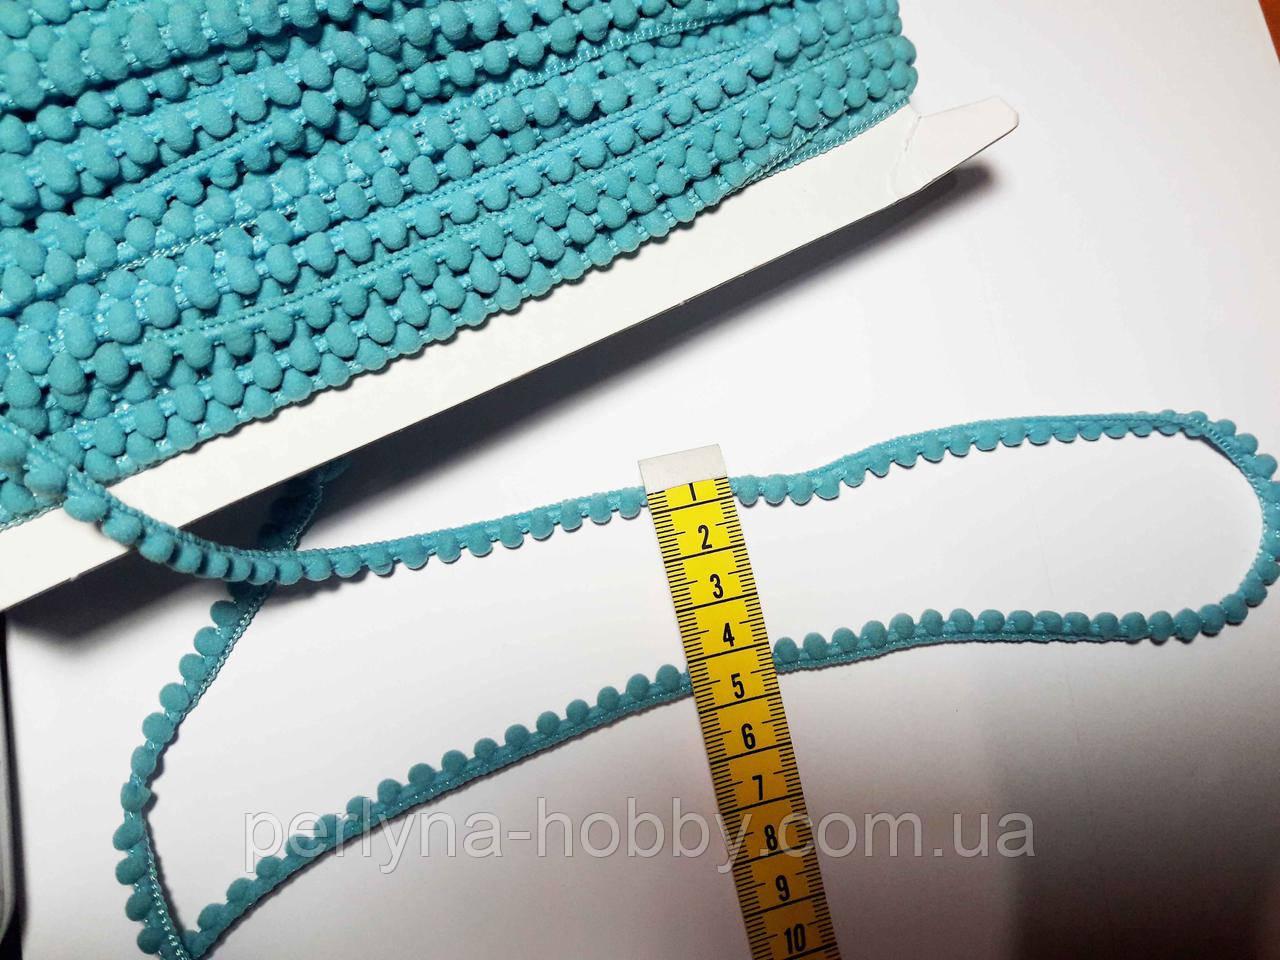 Тасьма декоративна з помпонами тонка 6-7 мм, голуба